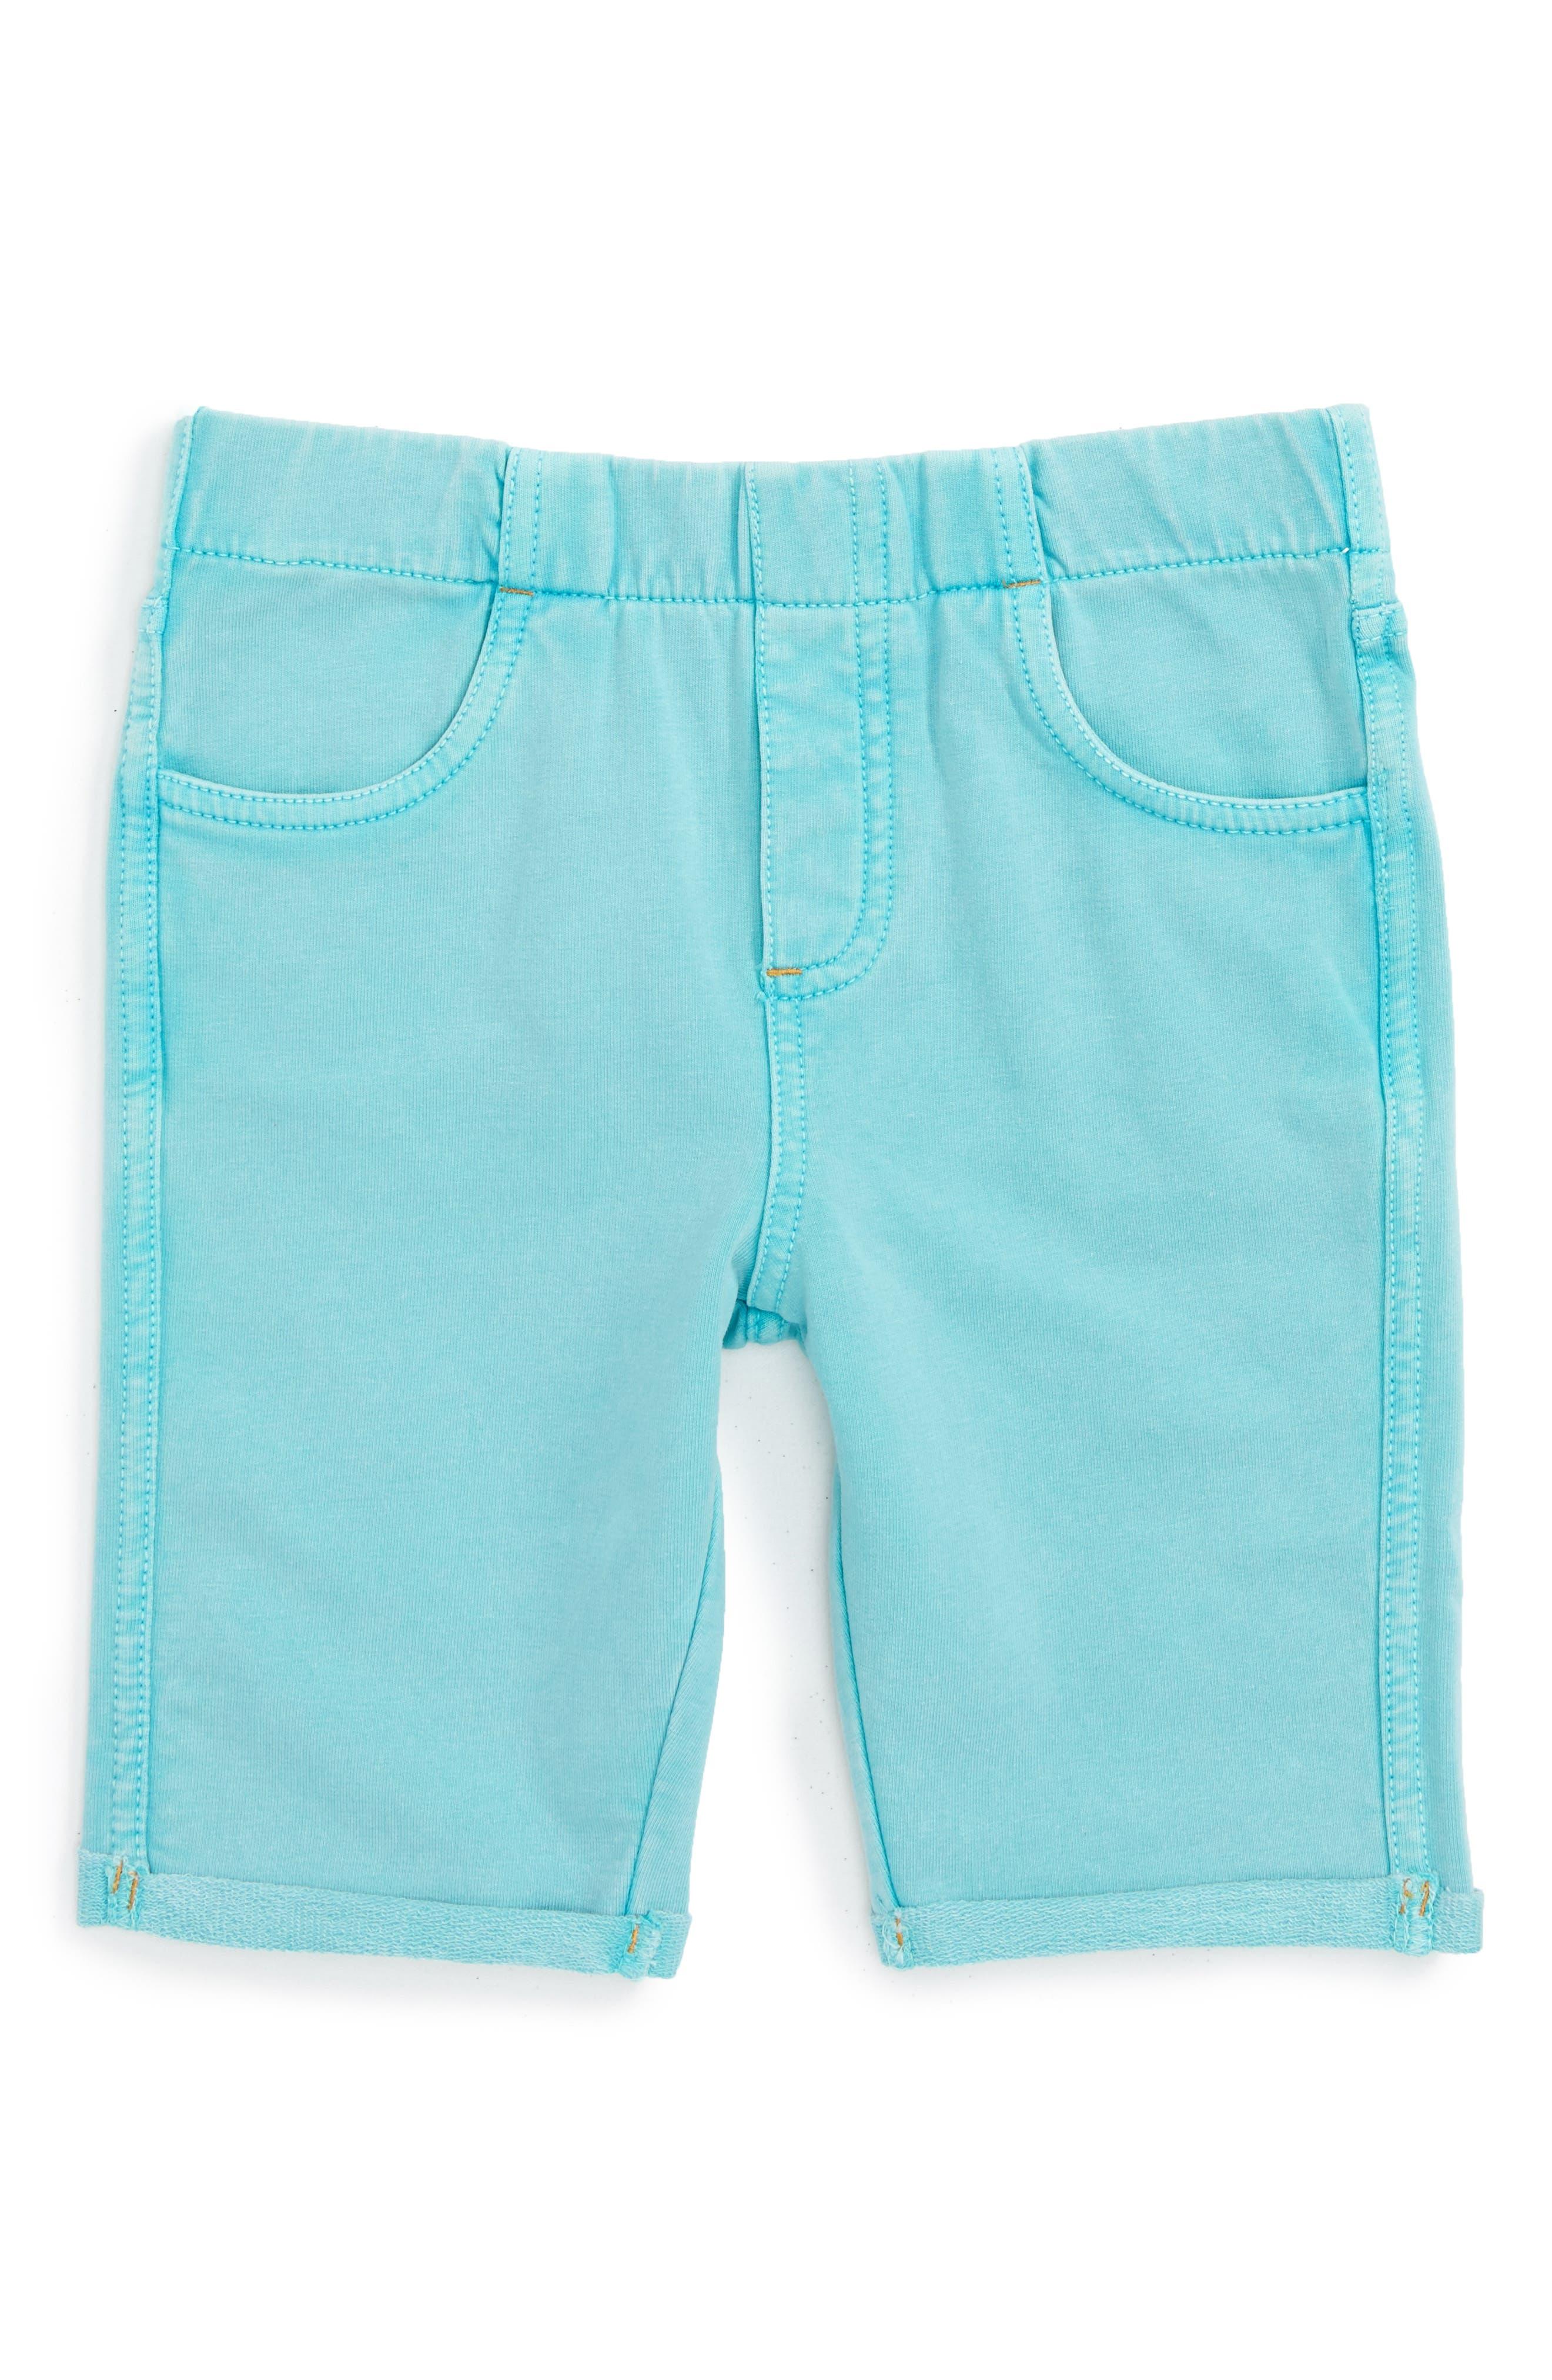 'Jenna' Jegging Shorts,                             Main thumbnail 1, color,                             Teal Gem Wash